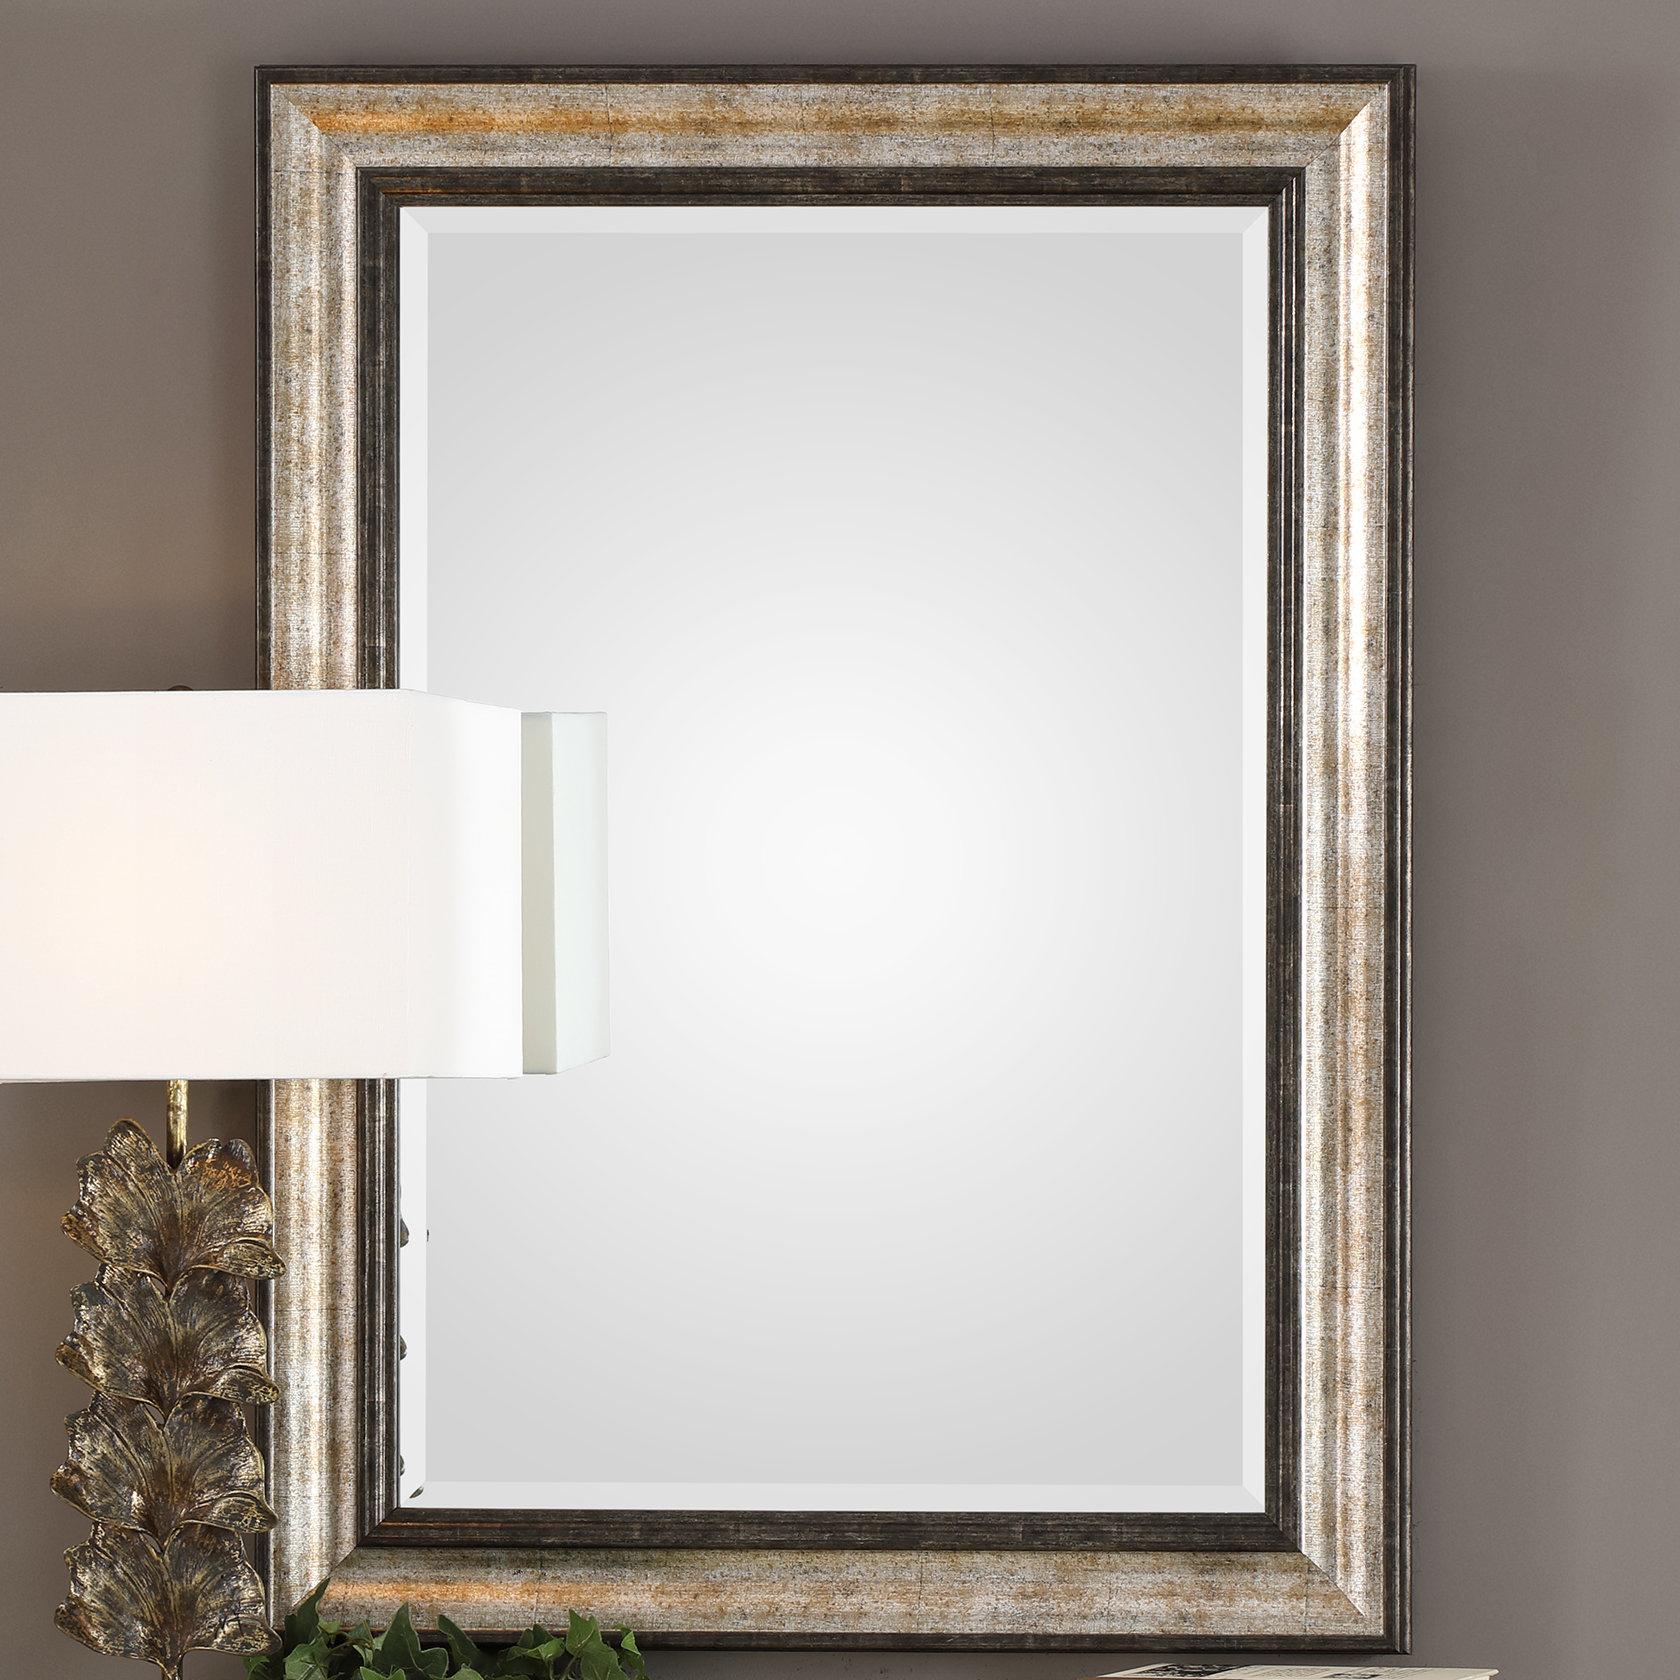 Jevon Accent Mirror Regarding Bartolo Accent Mirrors (View 9 of 30)